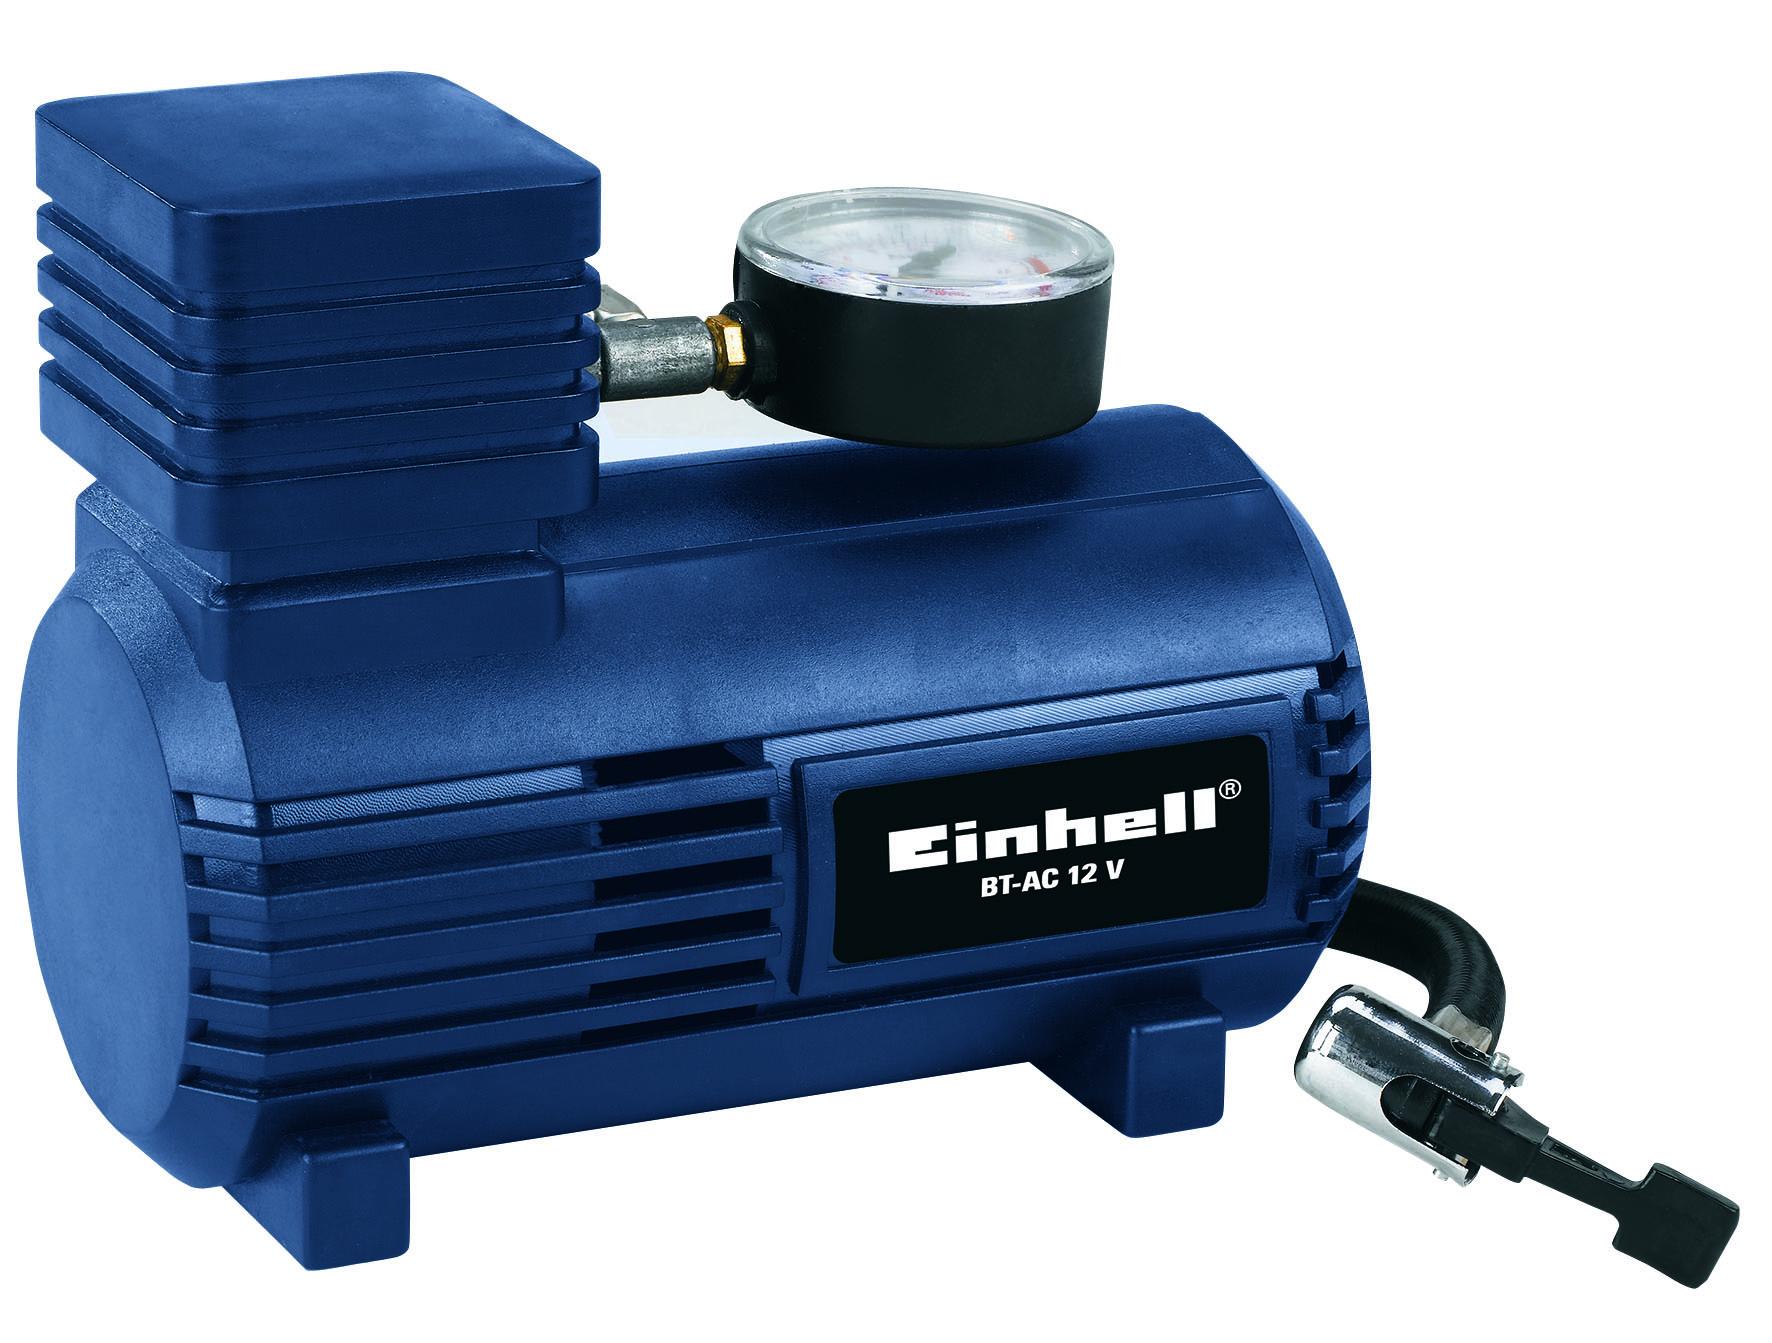 Compressore-portatile-x-auto-BT-AC-12-V-Einhell